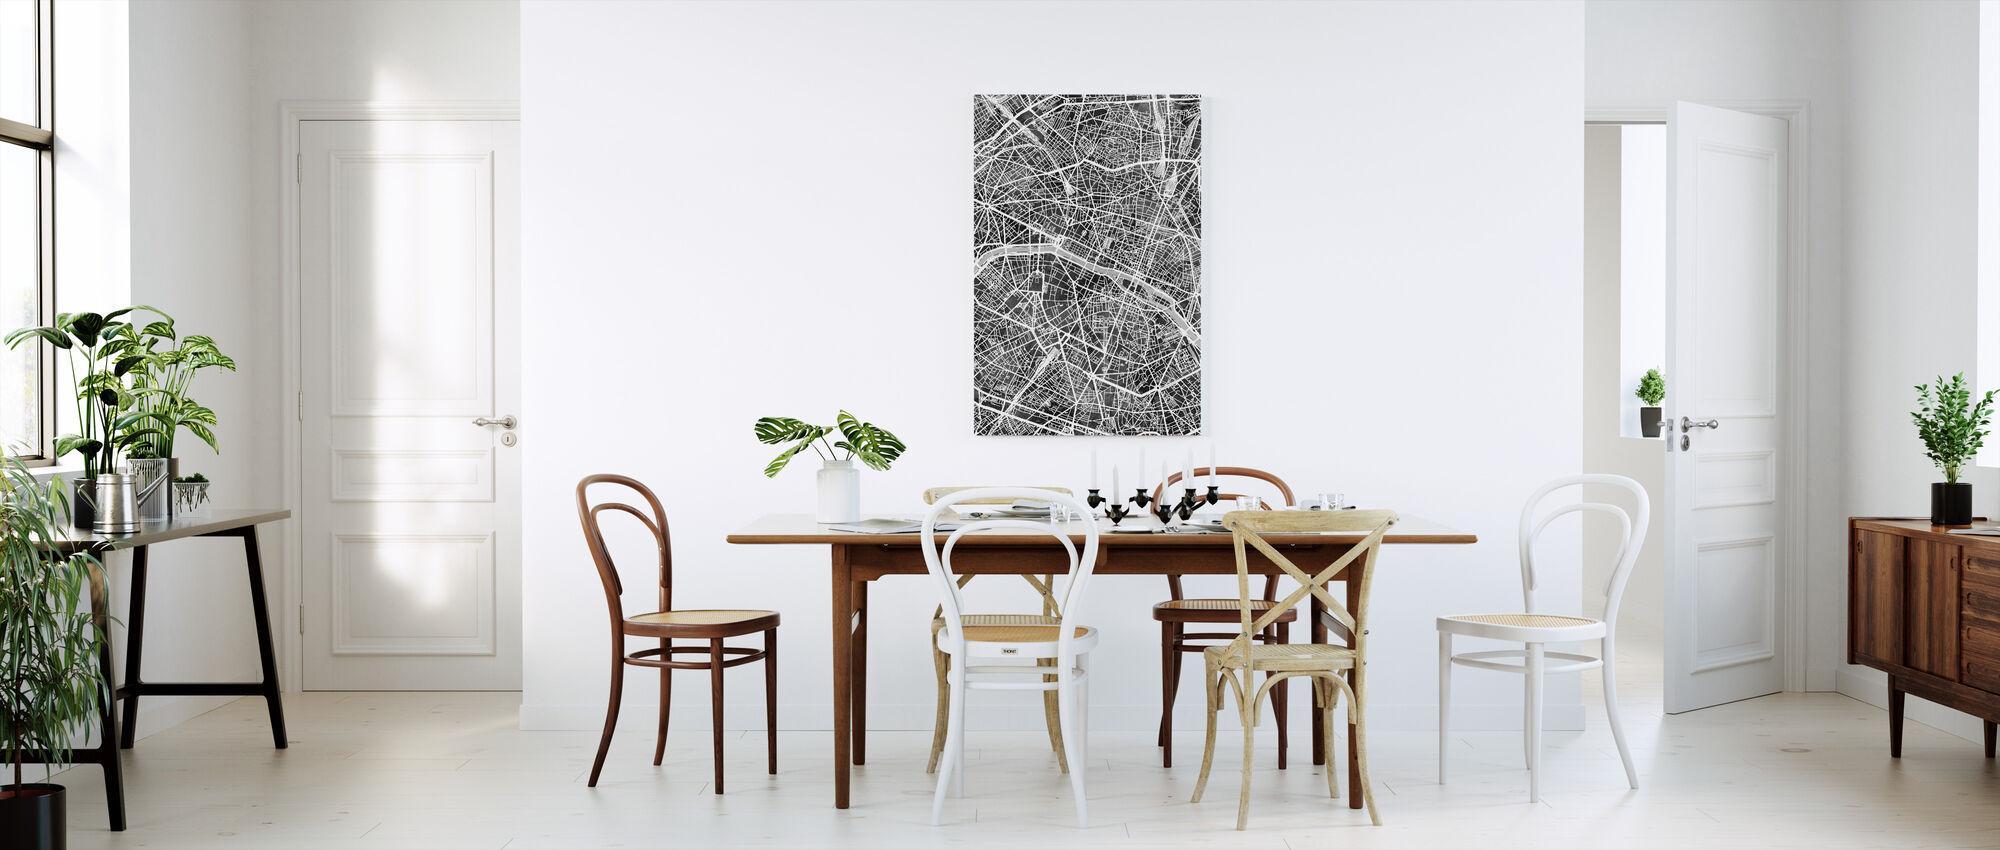 Paris Frankrike City Karta - Canvastavla - Kök